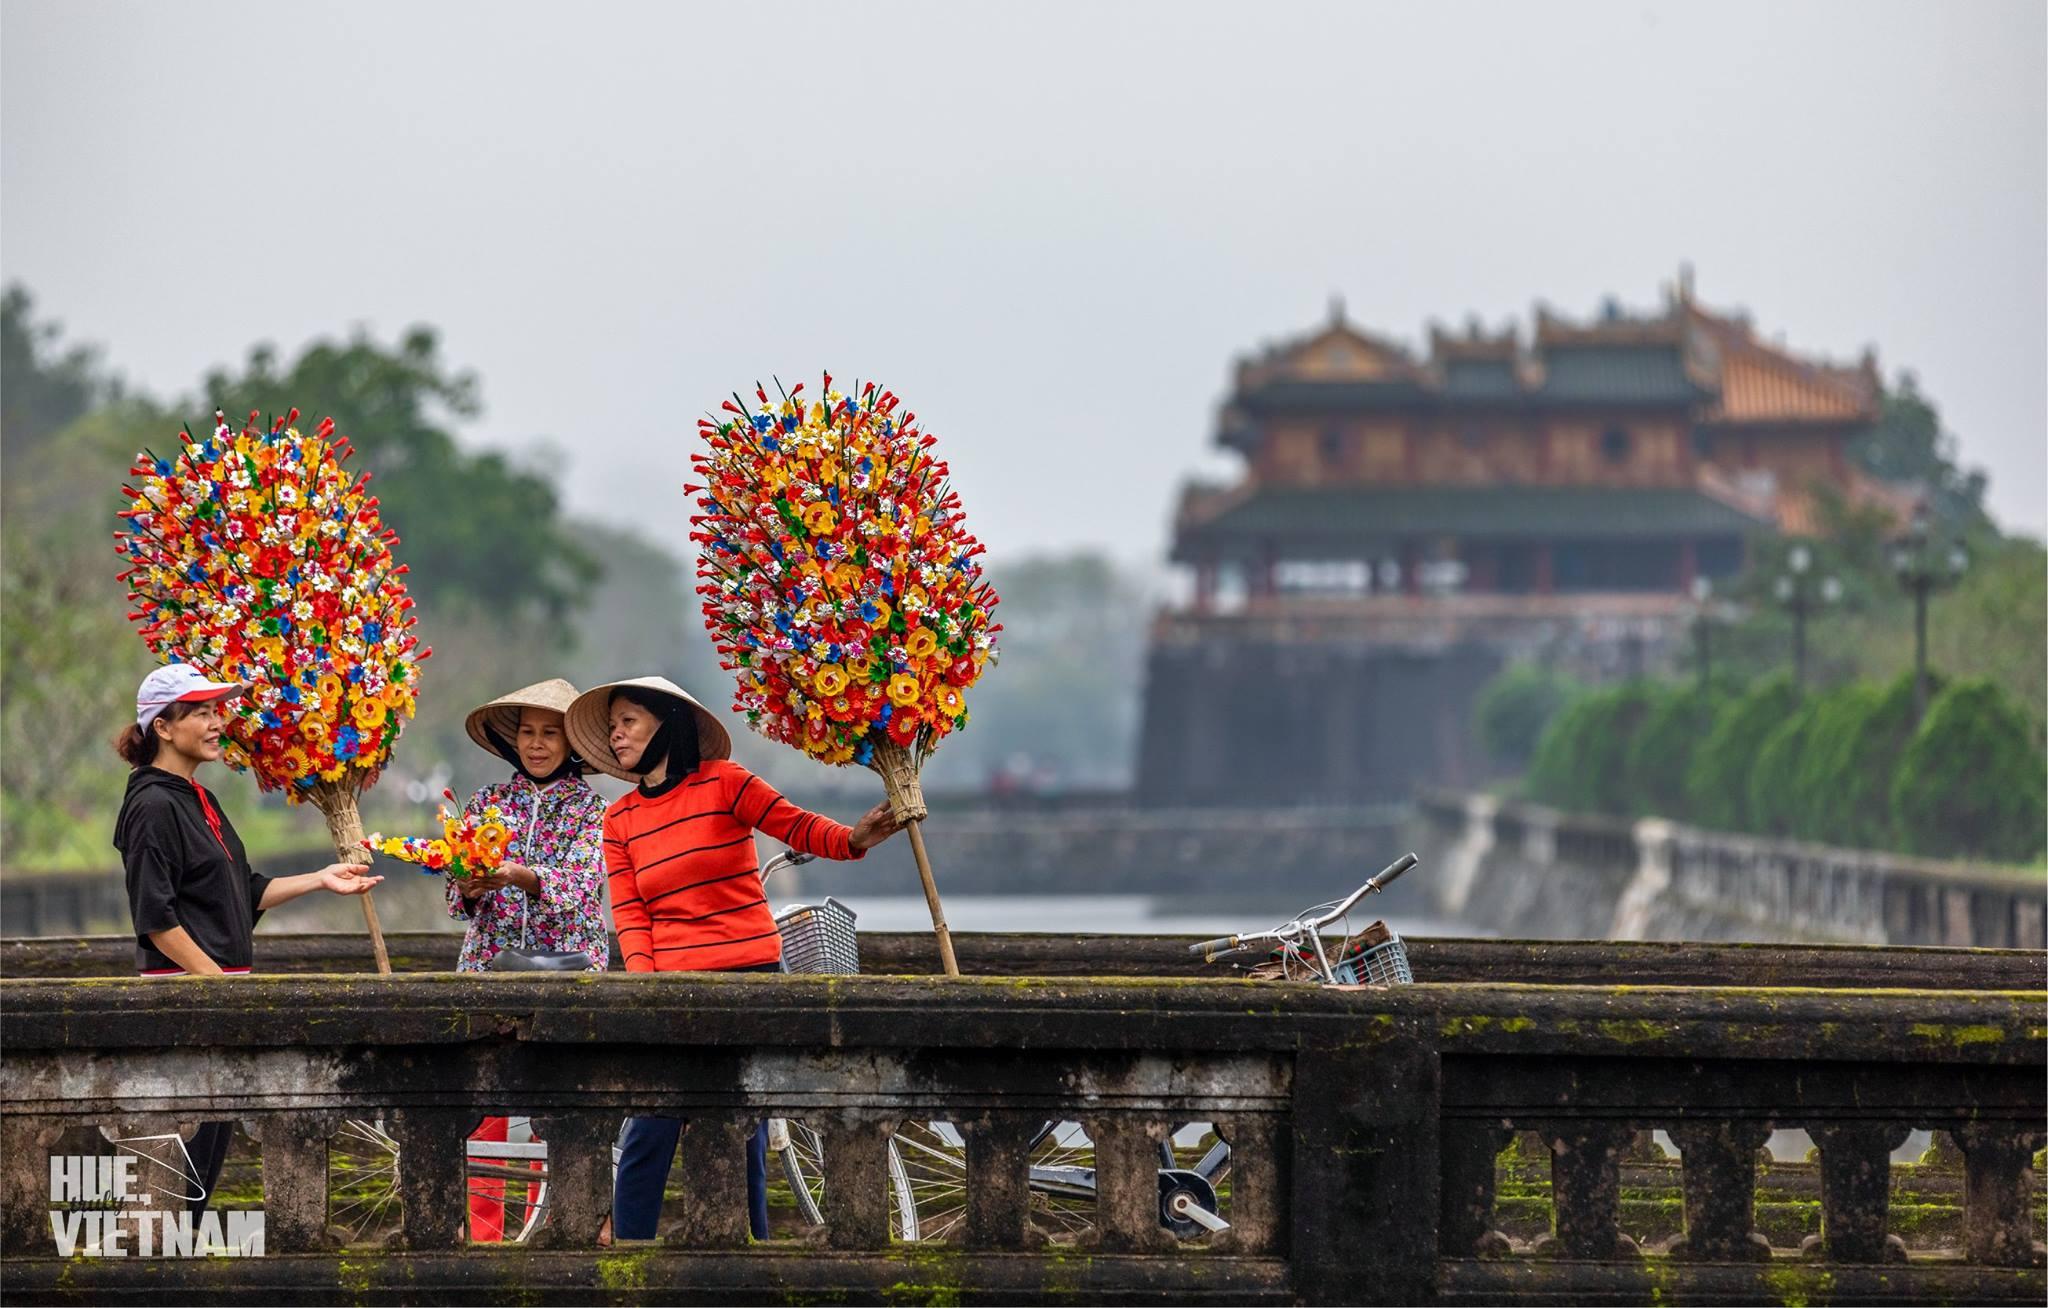 Thời tiết Huế Tết Nguyên đán khá đẹp. Hình: Hue, truly Vietnam